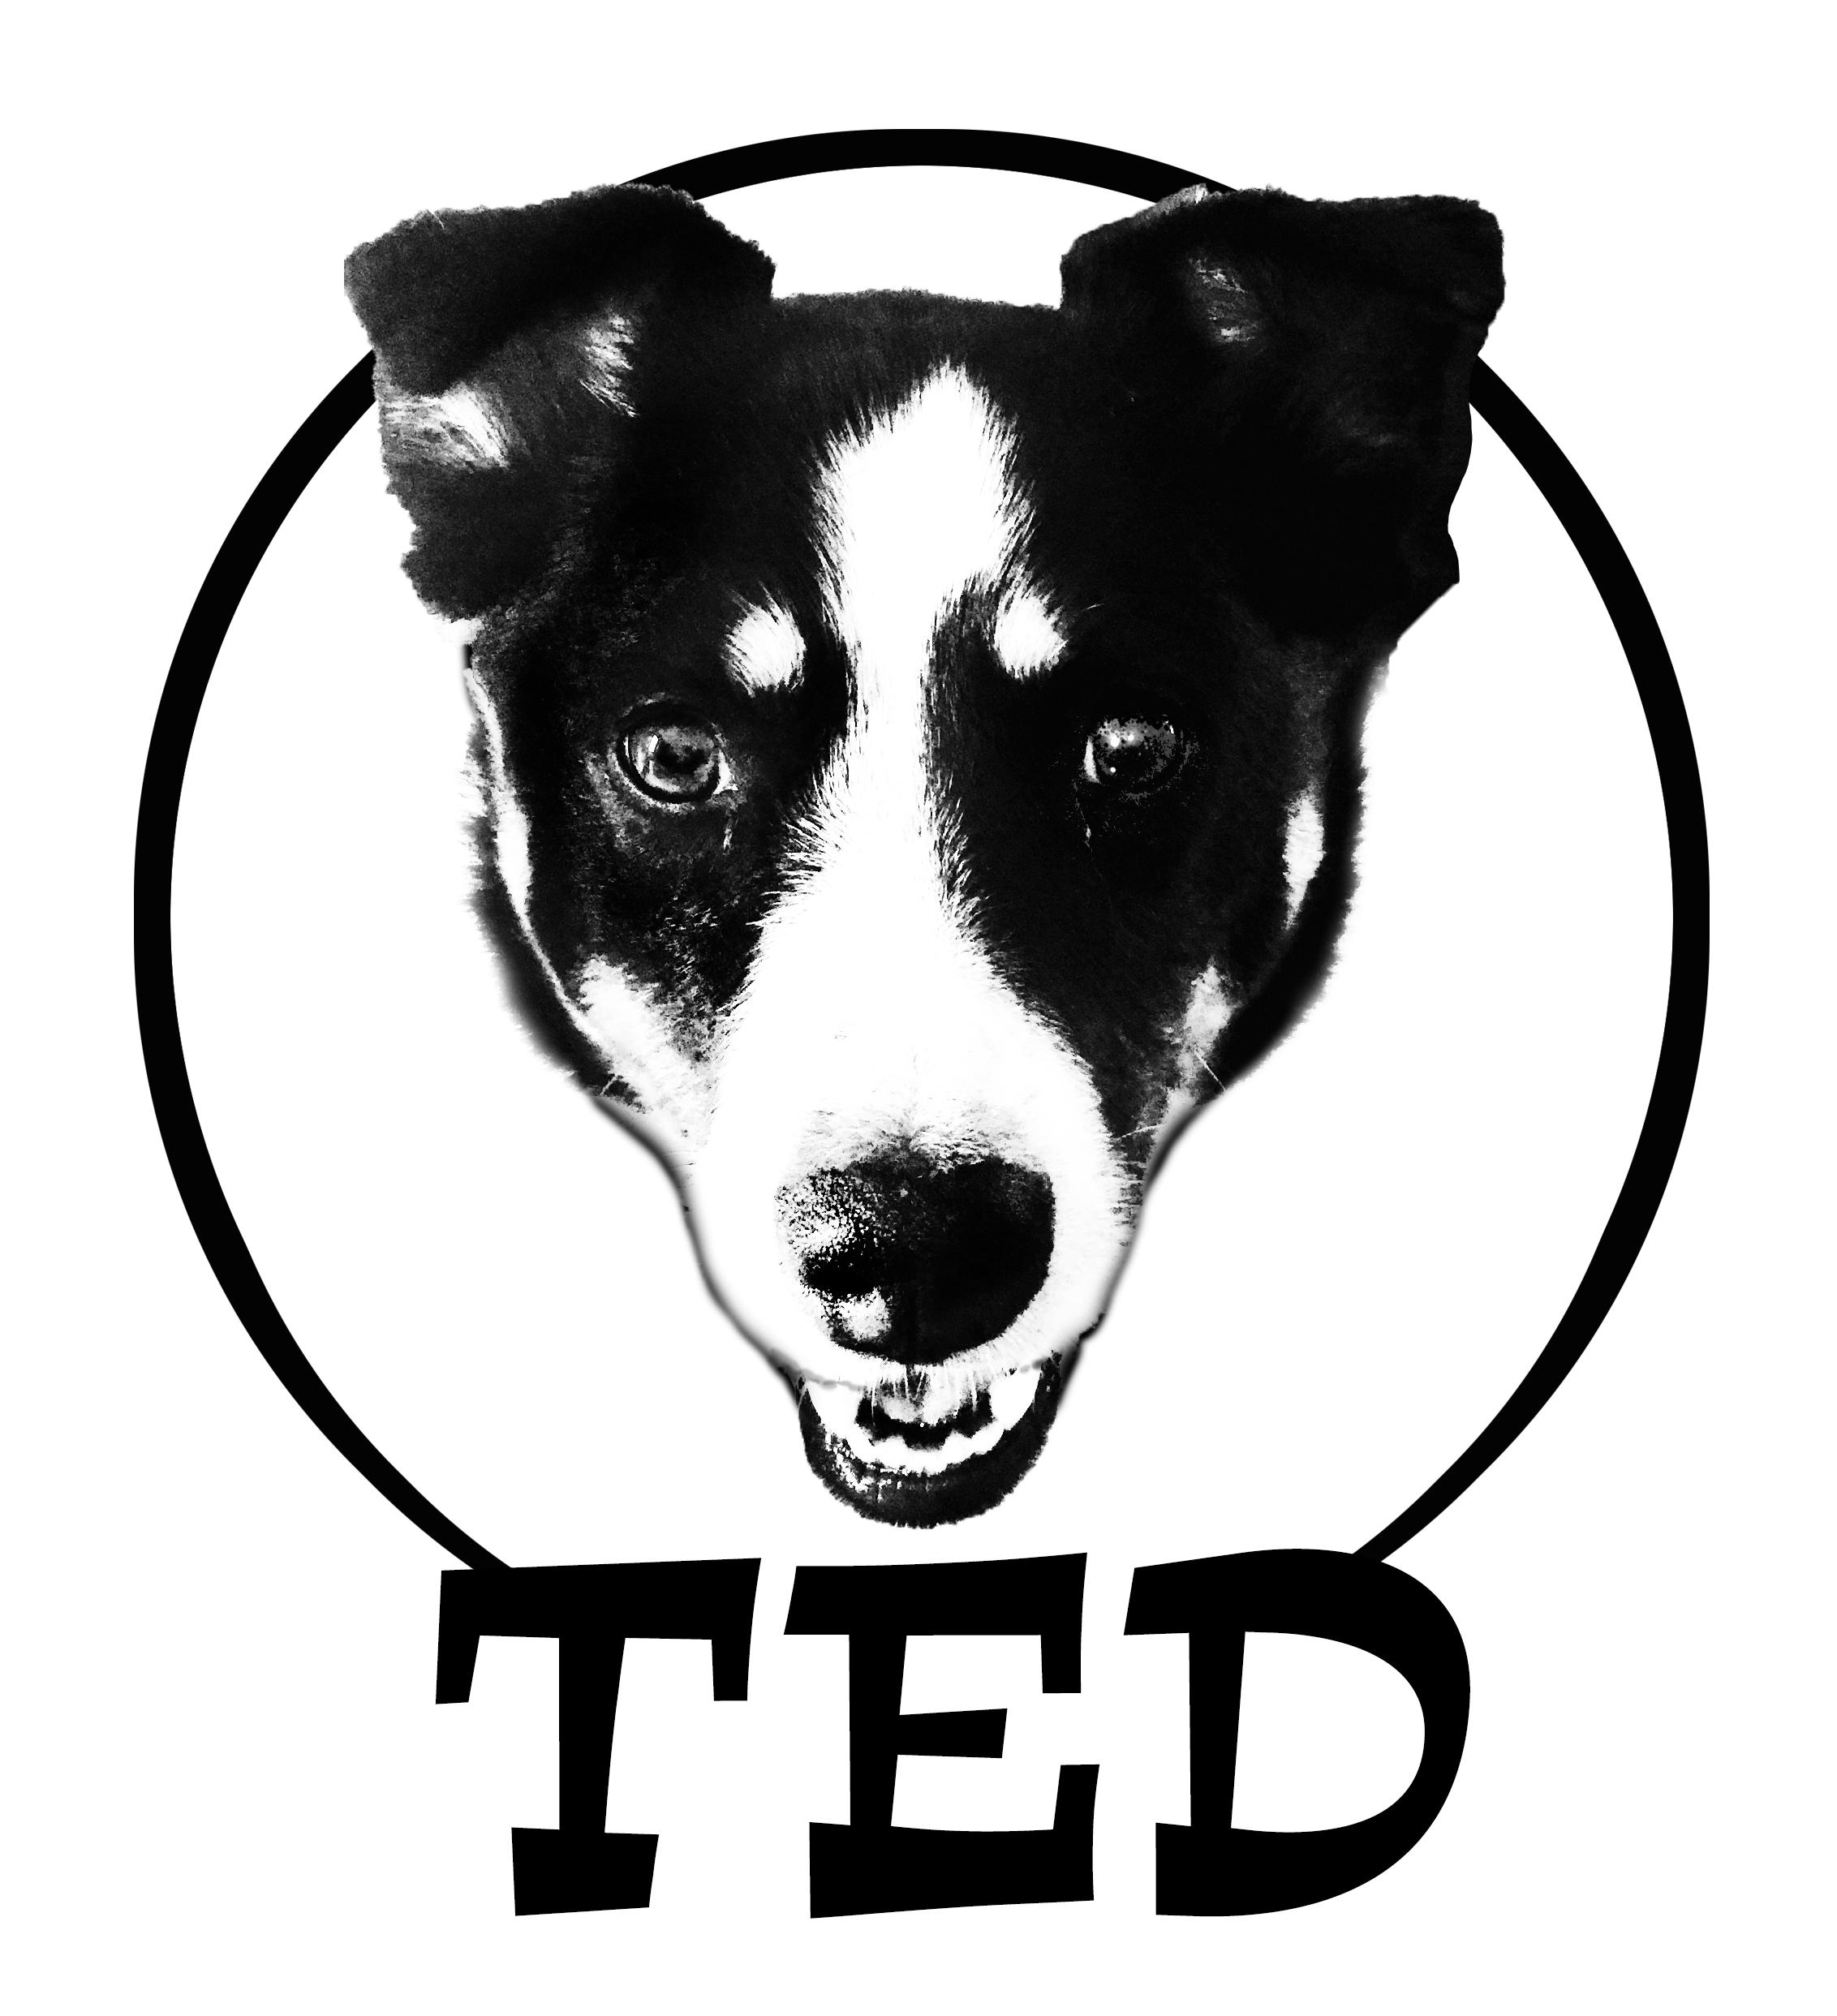 Ted / Baxter / Scarlet / Ryan